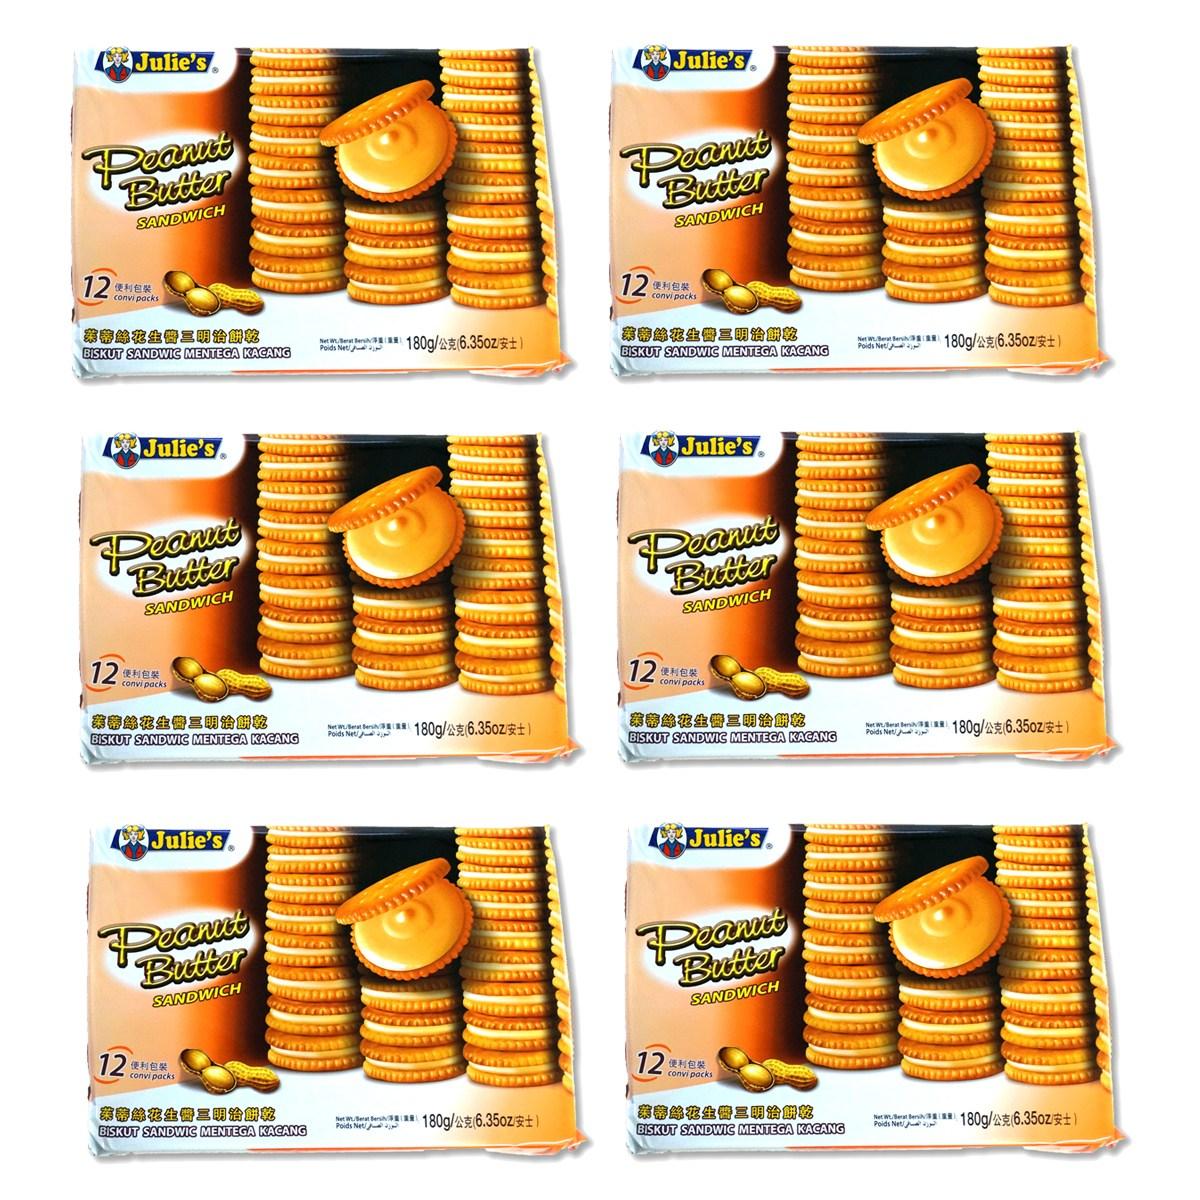 예이니종합물류 줄리스 피넛버터 샌드위치 6개(180g*6개)수입과자 크래커 오예스 곡물, 180g, 6개